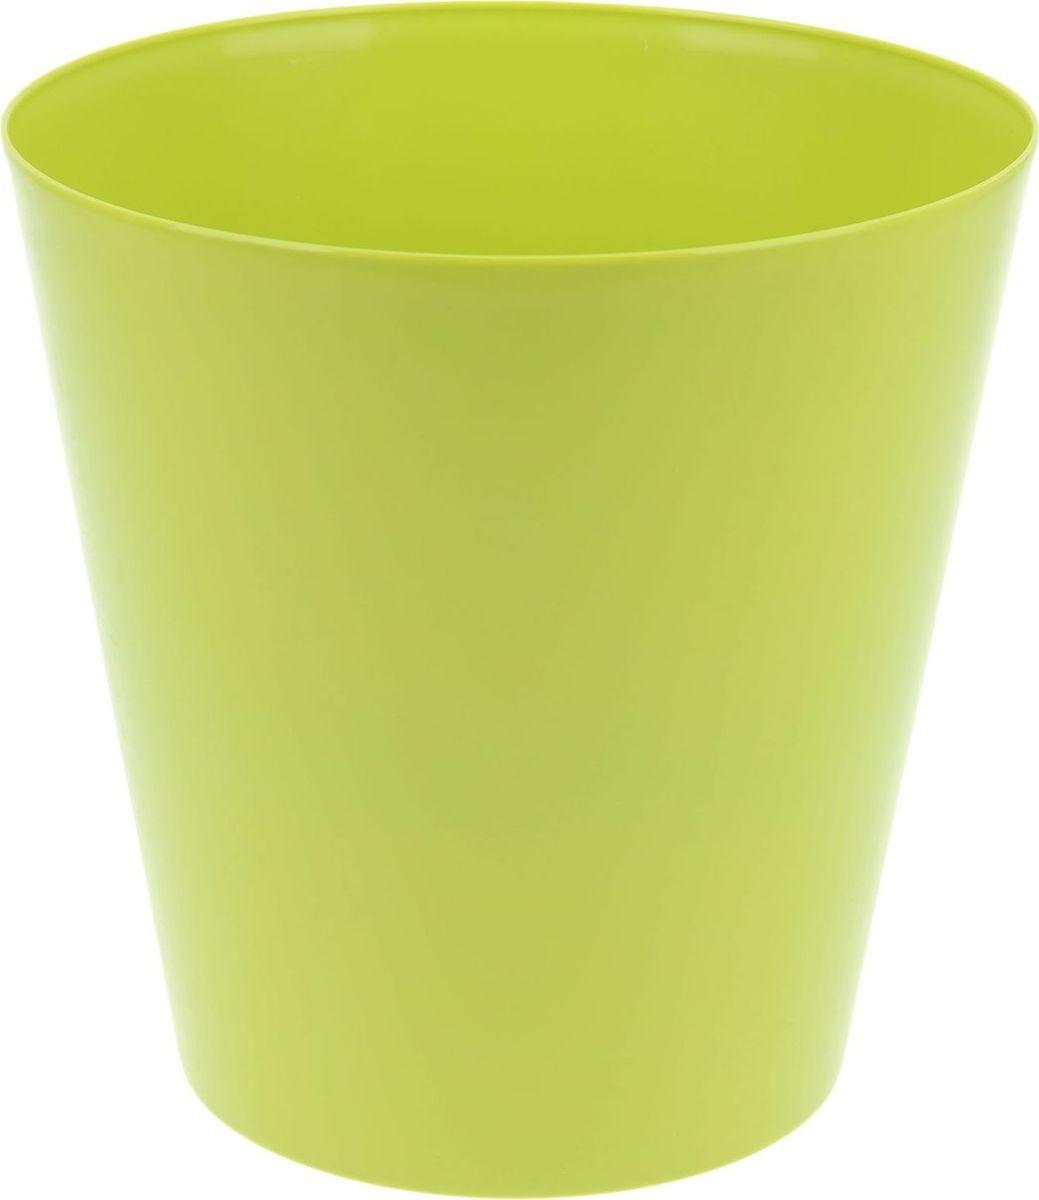 Кашпо Form plastic Вулкано, цвет: фисташковый, 19 х 19 х 19 см531-105Любой, даже самый современный и продуманный интерьер будет не завершённым без растений. Они не только очищают воздух и насыщают его кислородом, но и заметно украшают окружающее пространство. Такому полезному члену семьи просто необходимо красивое и функциональное кашпо, оригинальный горшок или необычная ваза! Мы предлагаем - Кашпо 19 см Вулкано, цвет фисташковый! Оптимальный выбор материала пластмасса! Почему мы так считаем? -Малый вес. С лёгкостью переносите горшки и кашпо с места на место, ставьте их на столики или полки, подвешивайте под потолок, не беспокоясь о нагрузке. -Простота ухода. Пластиковые изделия не нуждаются в специальных условиях хранения. Их легко чистить достаточно просто сполоснуть тёплой водой. -Никаких царапин. Пластиковые кашпо не царапают и не загрязняют поверхности, на которых стоят. -Пластик дольше хранит влагу, а значит растение реже нуждается в поливе. -Пластмасса не пропускает воздух корневой системе растения не грозят резкие перепады температур. -Огромный выбор форм, декора и расцветок вы без труда подберёте что-то, что идеально впишется в уже существующий интерьер. Соблюдая нехитрые правила ухода, вы можете заметно продлить срок службы горшков, вазонов и кашпо из пластика: -всегда учитывайте размер кроны и корневой системы растения (при разрастании большое растение способно повредить маленький горшок)-берегите изделие от воздействия прямых солнечных лучей, чтобы кашпо и горшки не выцветали-держите кашпо и горшки из пластика подальше от нагревающихся поверхностей. Создавайте прекрасные цветочные композиции, выращивайте рассаду или необычные растения, а низкие цены позволят вам не ограничивать себя в выборе.